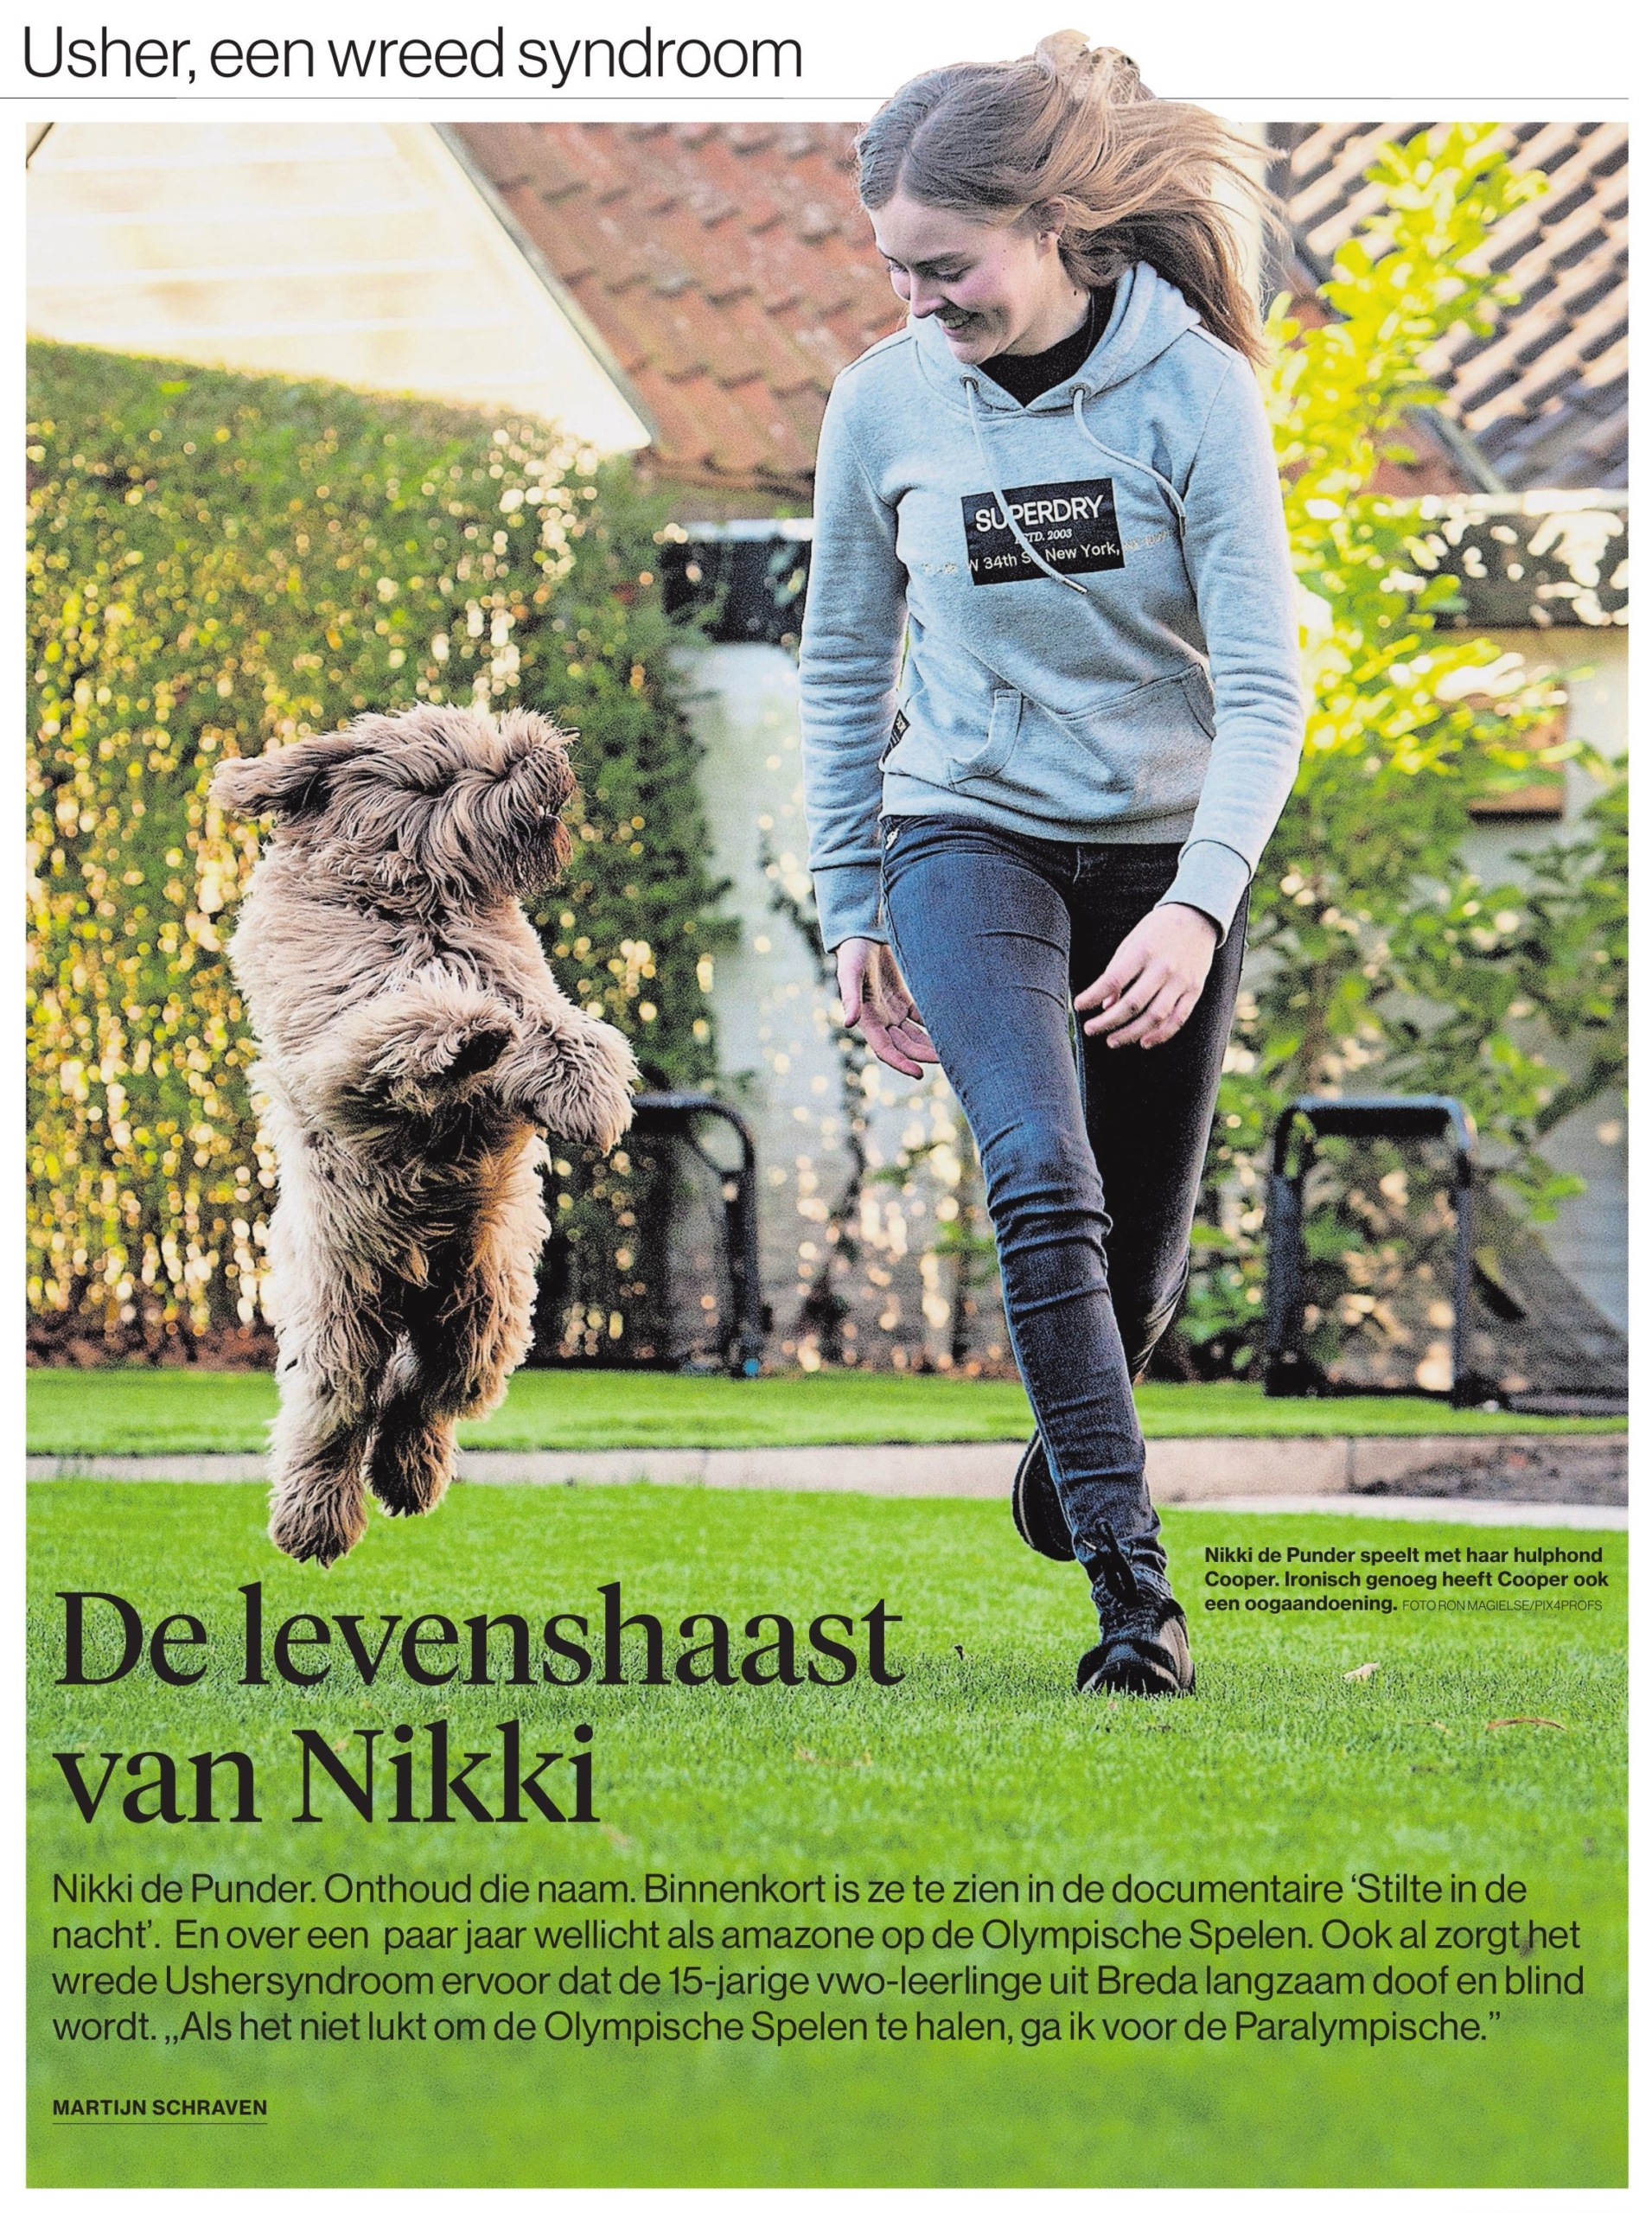 Niki met haar hond Cooper in de tuin aan het spelen met elkaar